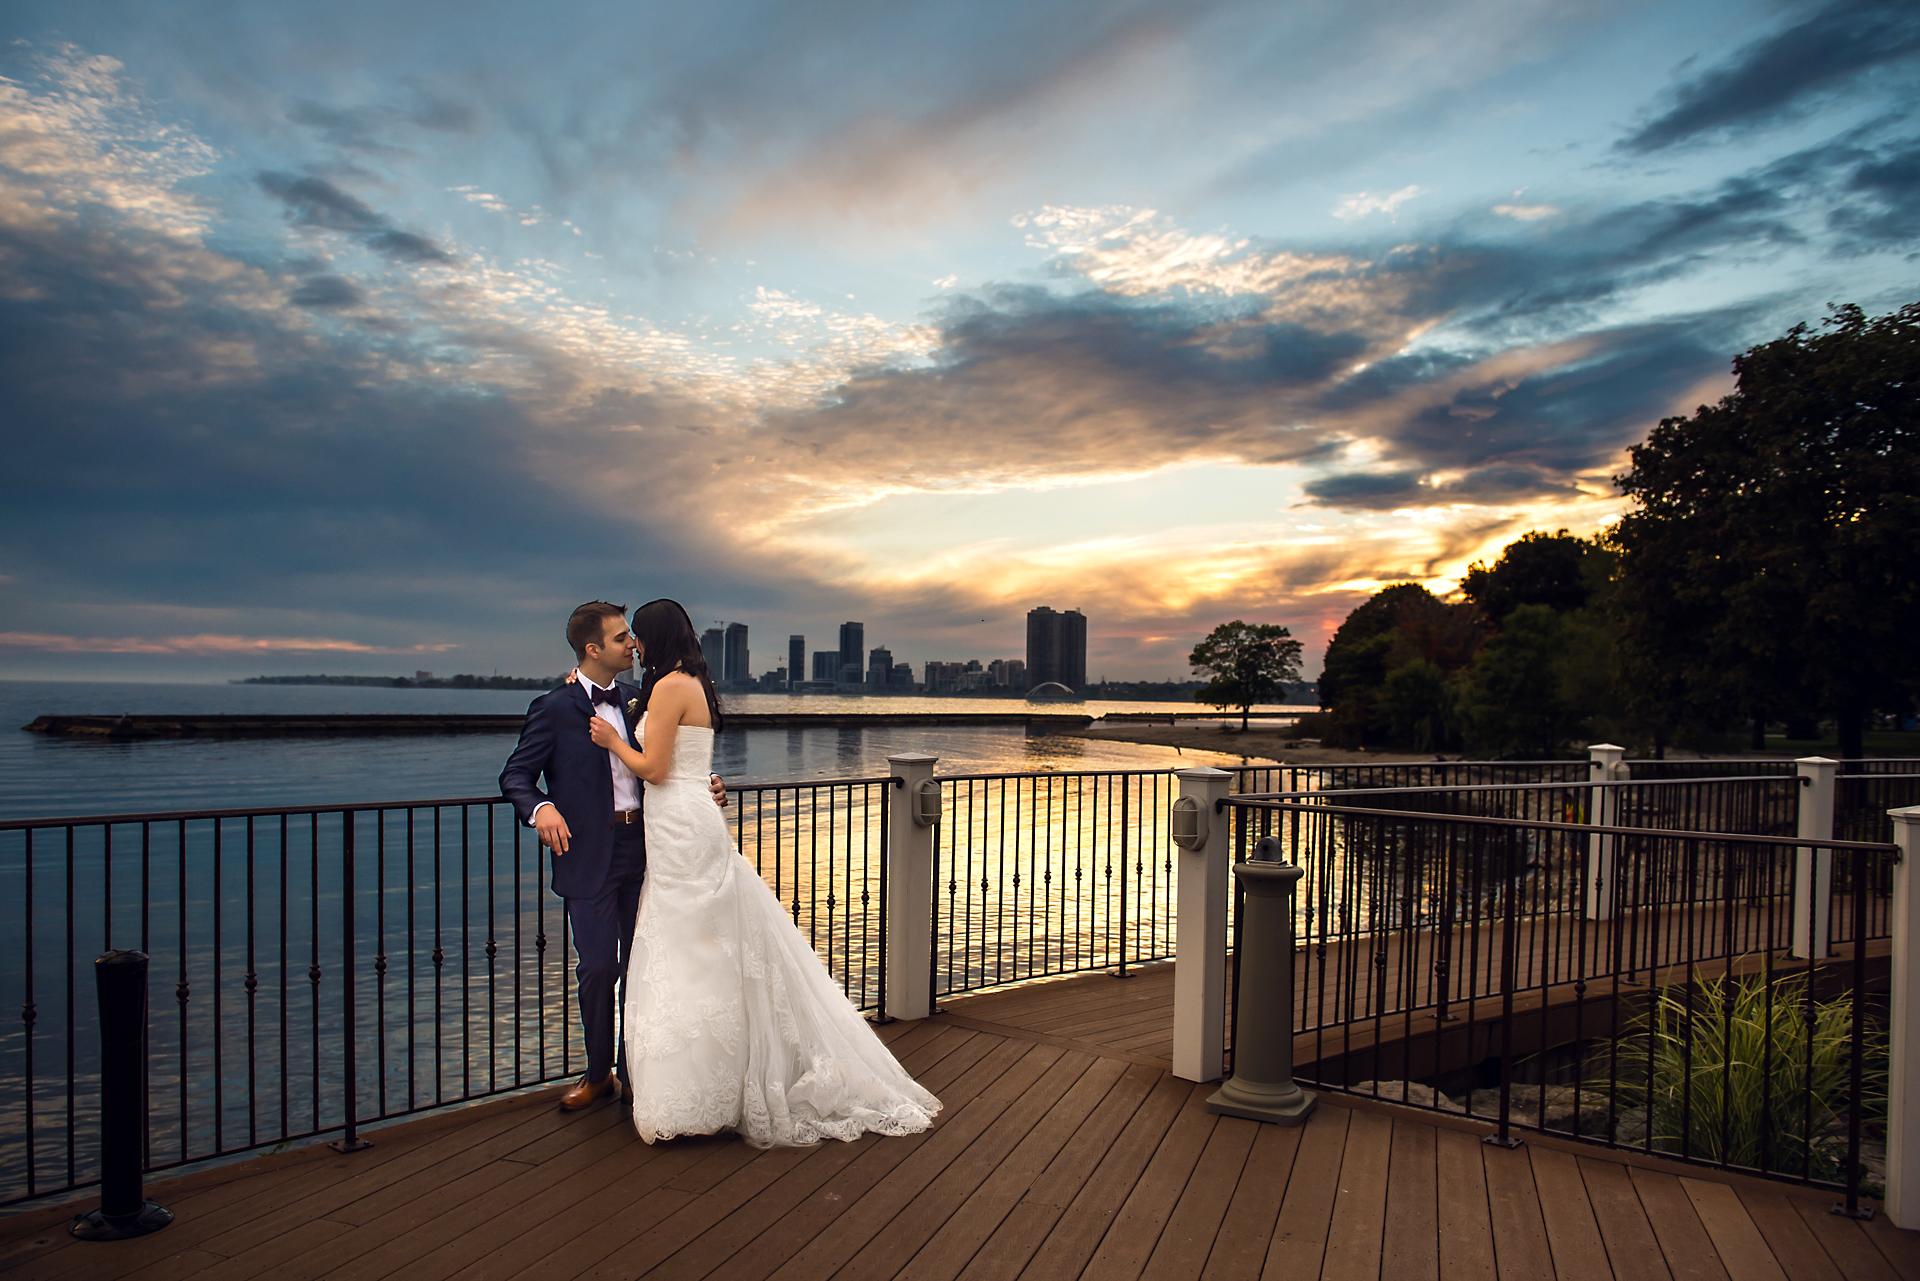 Costas & Erin | Palais Royale Wedding | Toronto Wedding Photography33